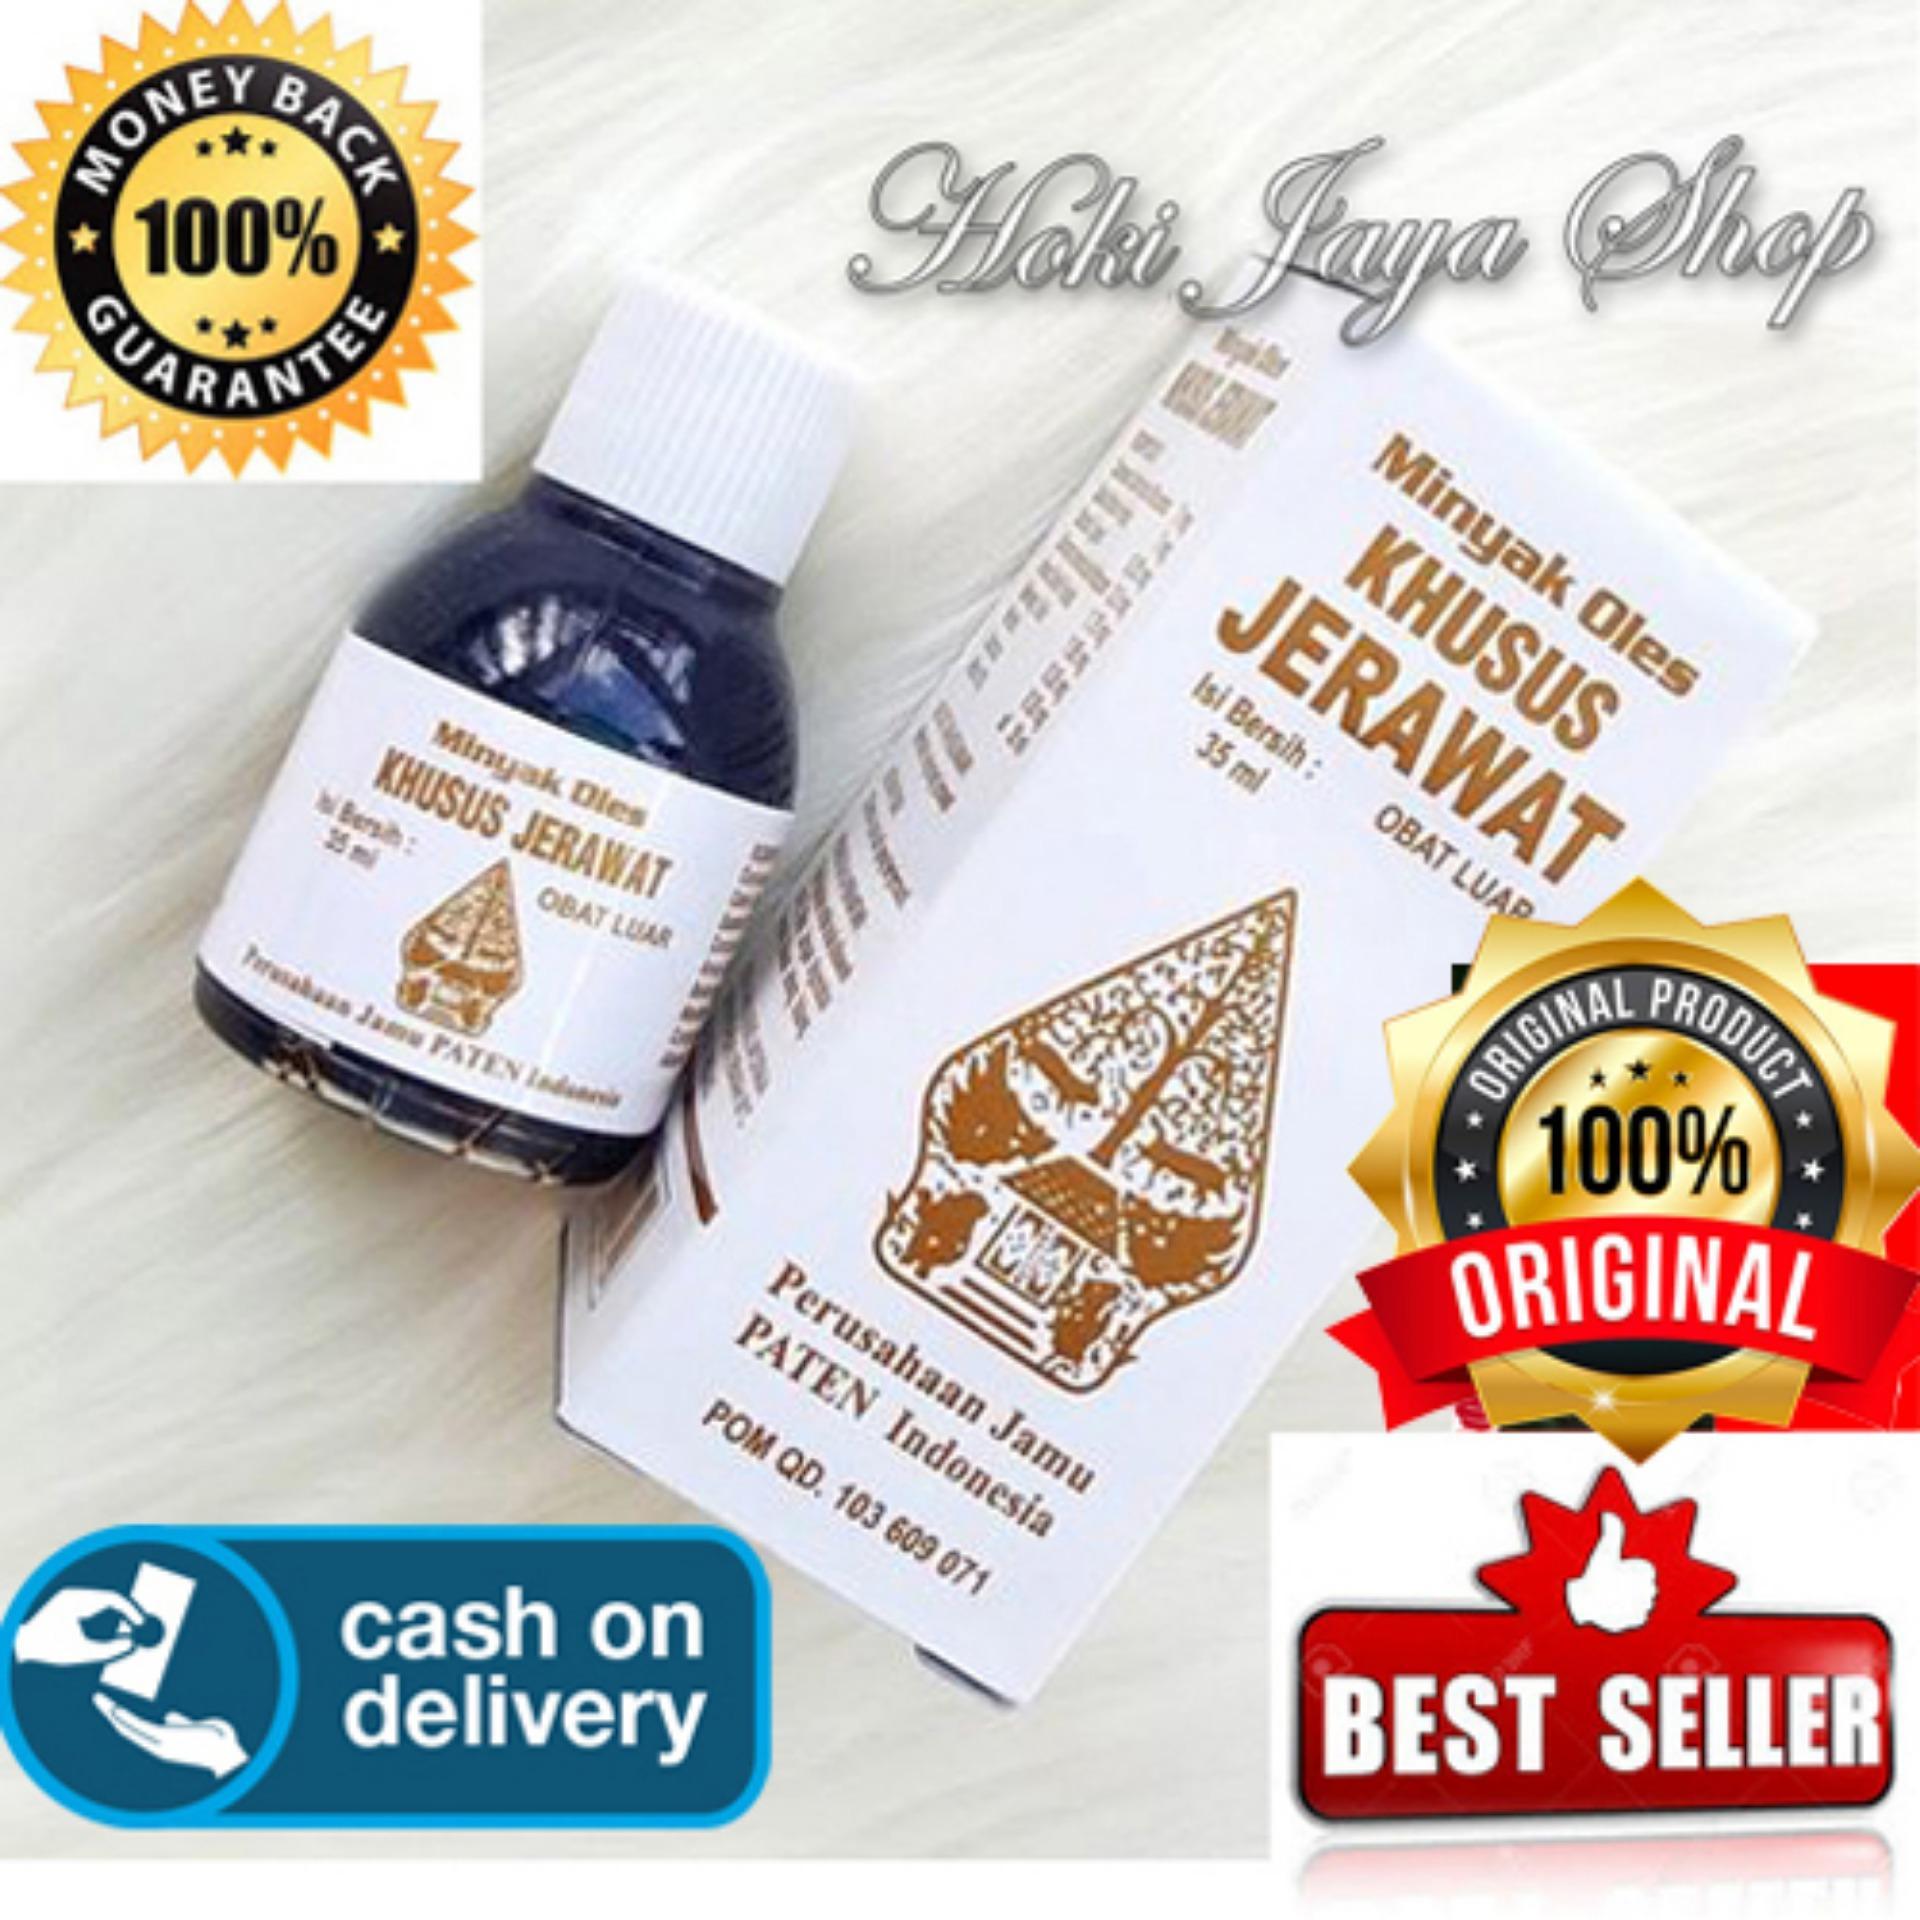 Buy Sell Cheapest Obat Oles Penumbuh Best Quality Product Deals Samsu Oil Tahan Lama Pria Hoki Cod Jerawat Minyak Wayang Khusus 35 Ml